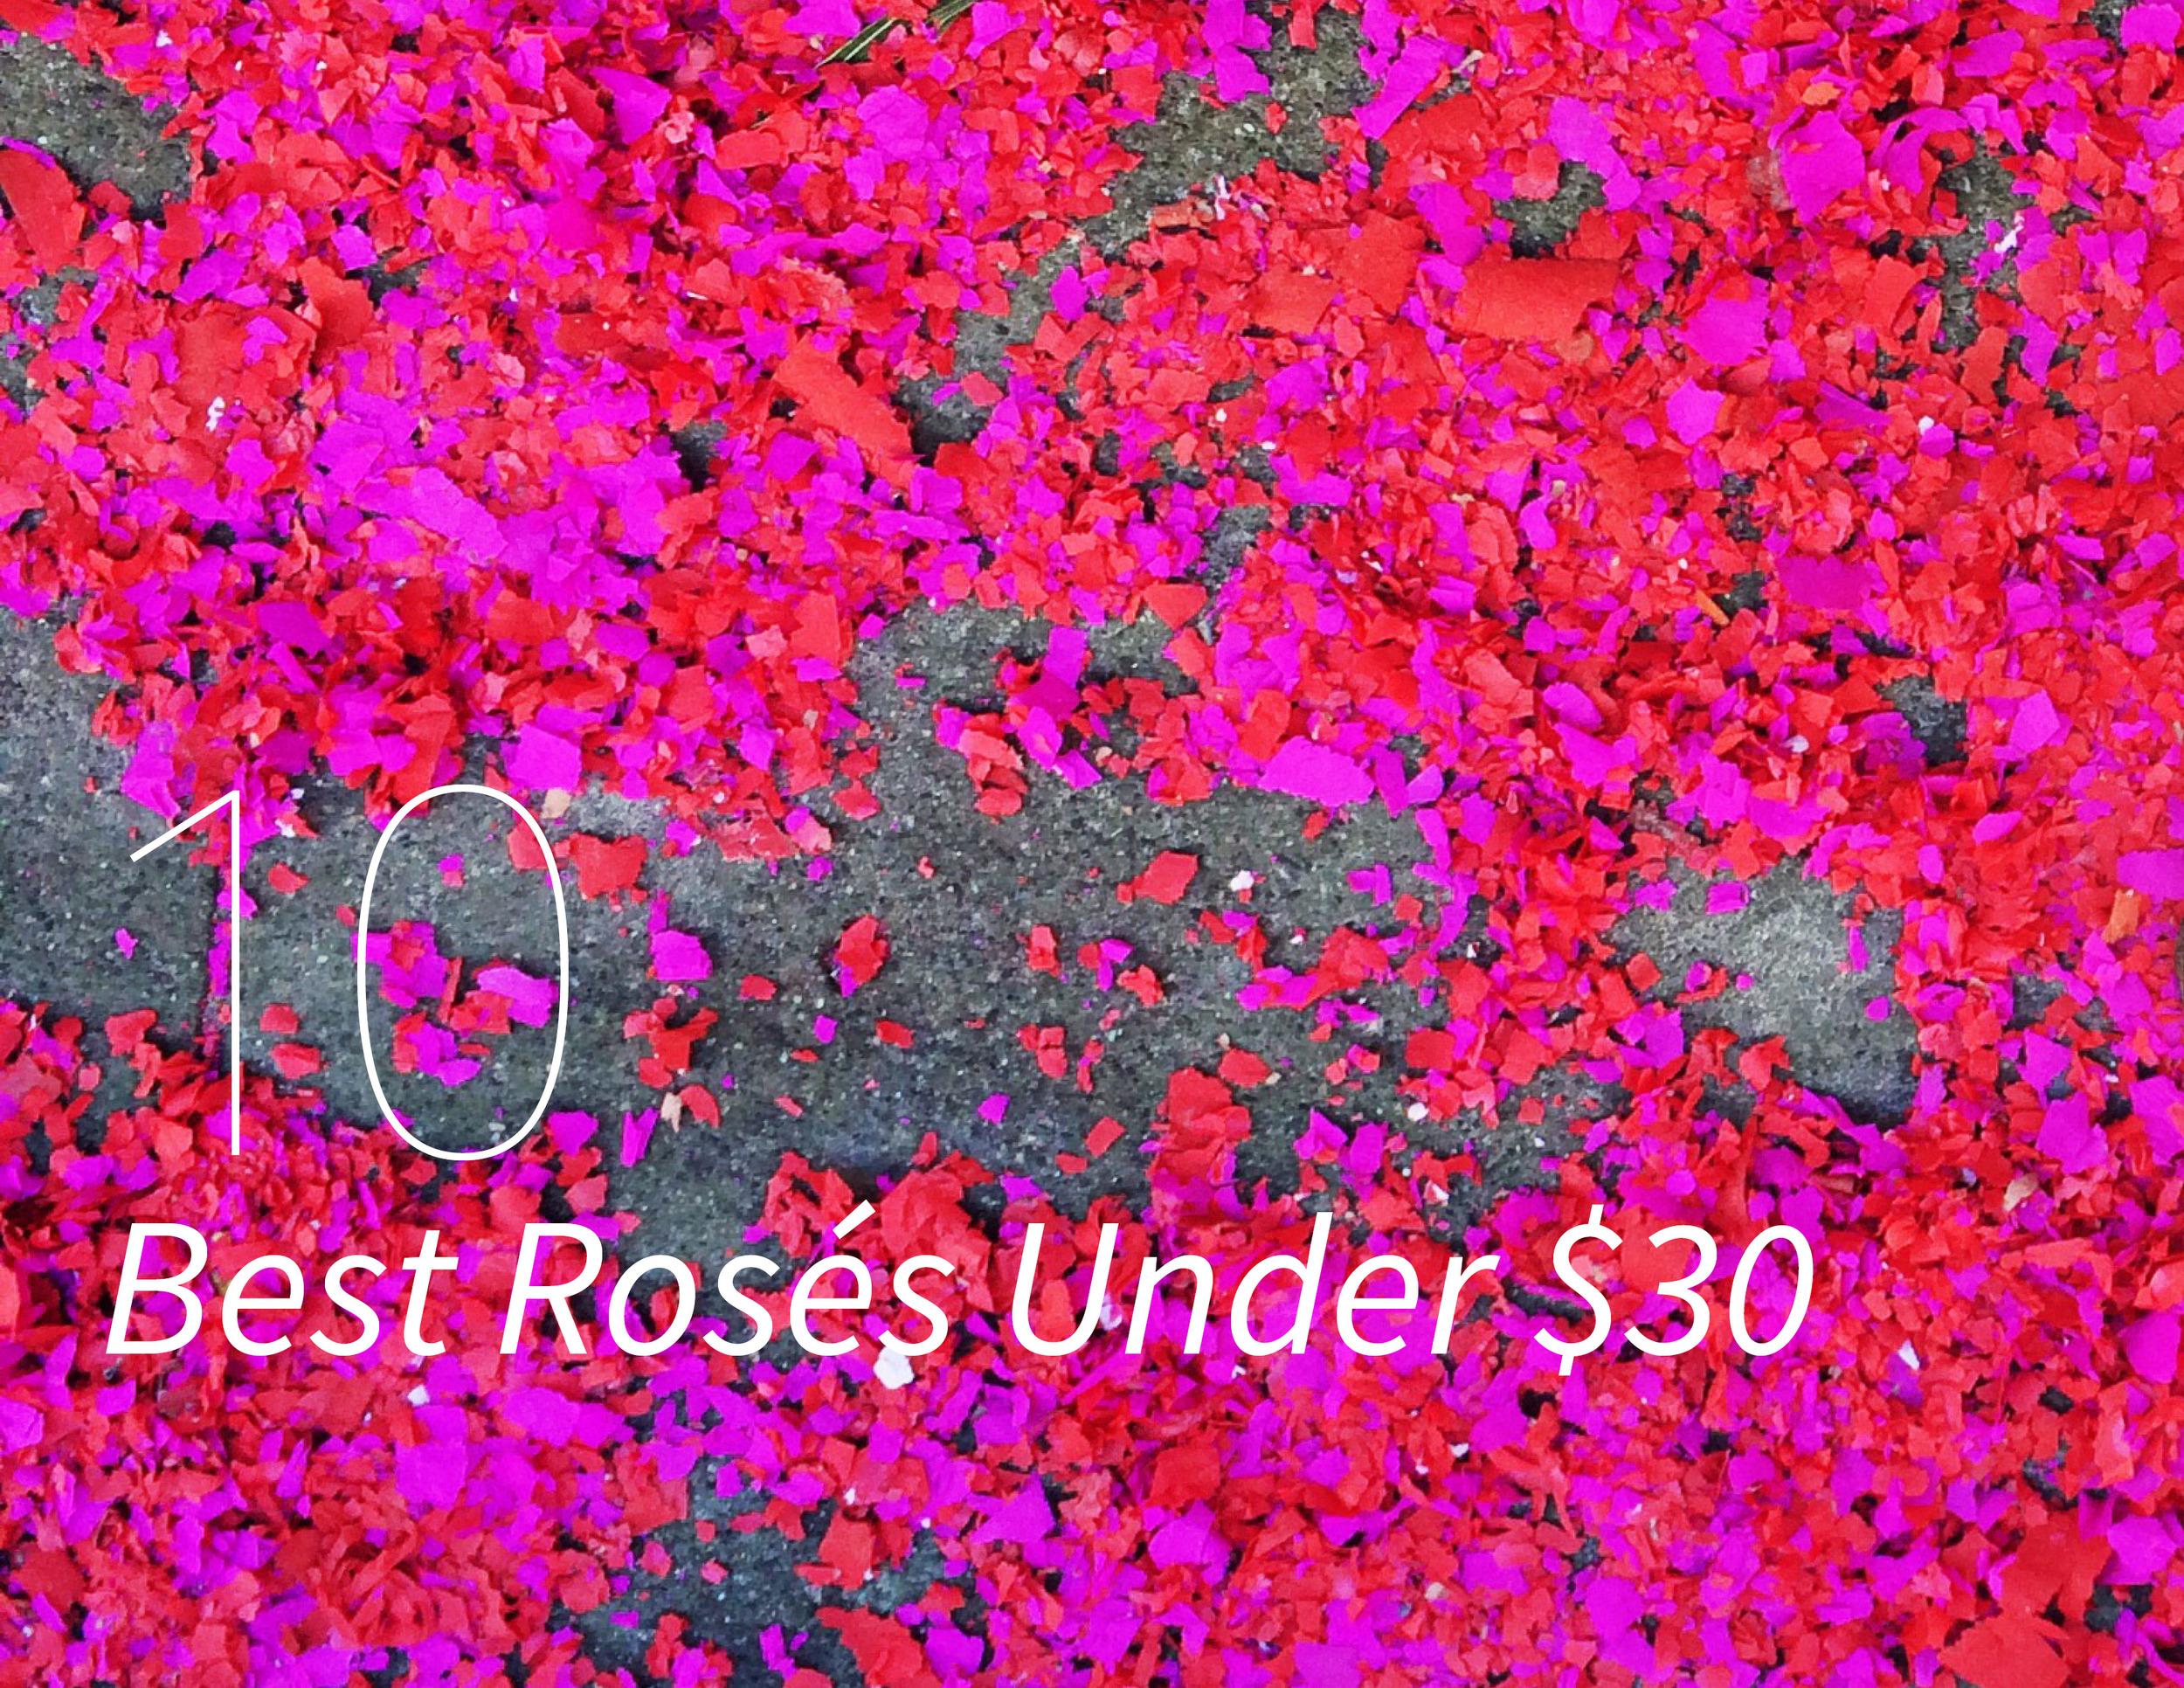 Rose for days!